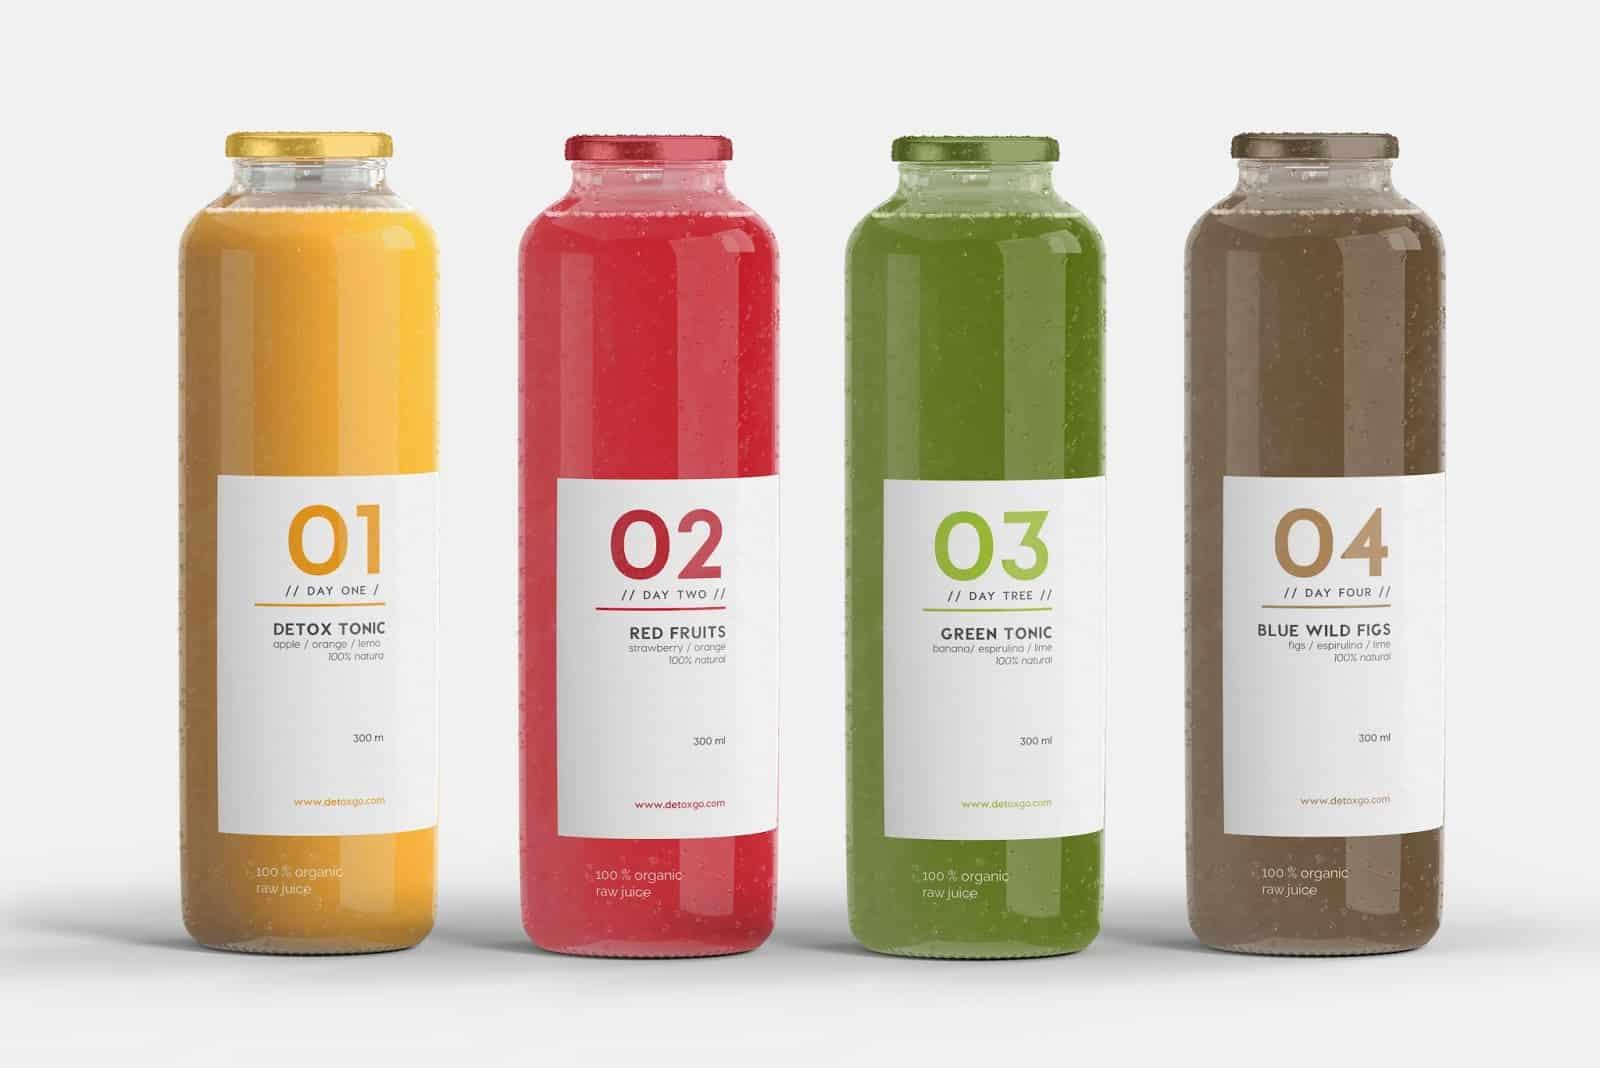 Drink sticker 17 - 10 ตัวอย่างสติ๊กเกอร์ติดขวดเครื่องดื่ม ดีไซน์สวย ช่วยเพิ่มมูลค่าให้กับสินค้า